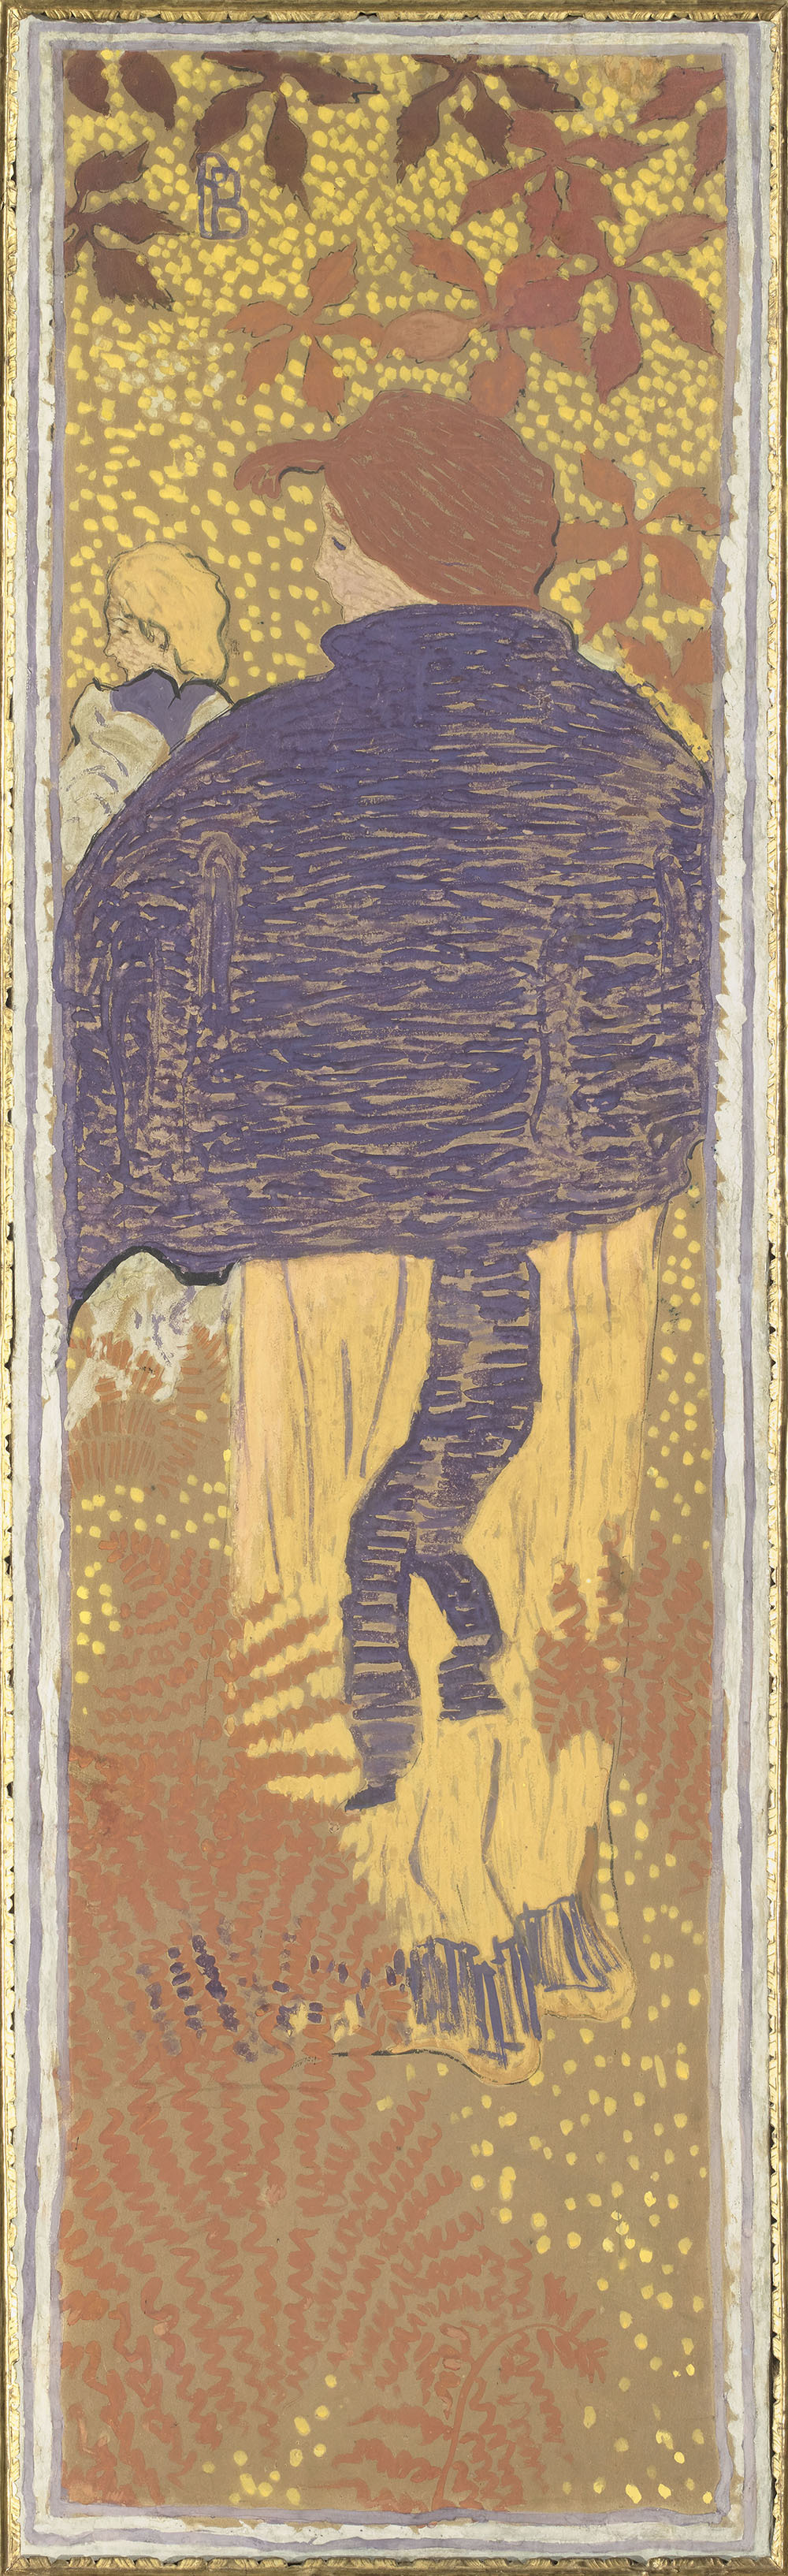 ピエール・ボナール 《庭の女性たち ショルダー・ケープを着た女性》 1890-91年 デトランプ/カンヴァスに貼り付けた紙、装飾パネル © RMN-Grand Palais (musée d'Orsay) / Hervé Lewandowski / distributed by AMF